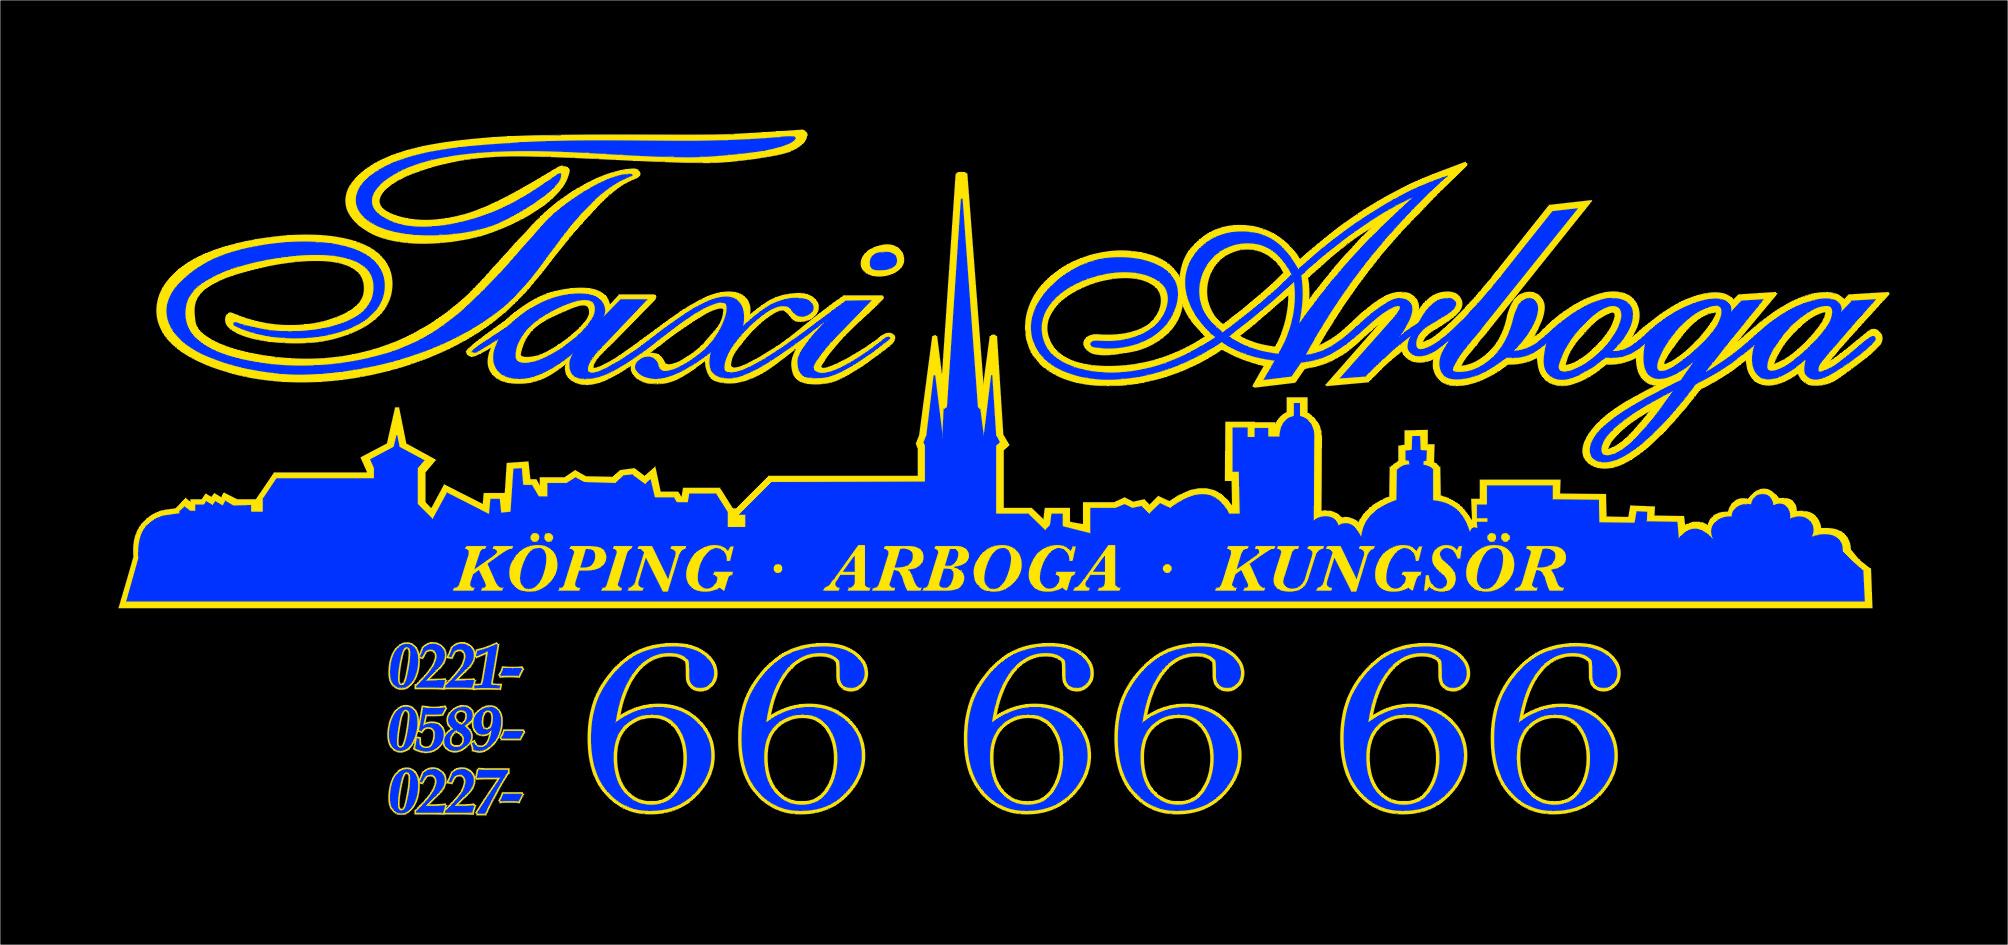 Logotype-Taxi-Arboga-Kungsör-Köping 2016-. Hemsida